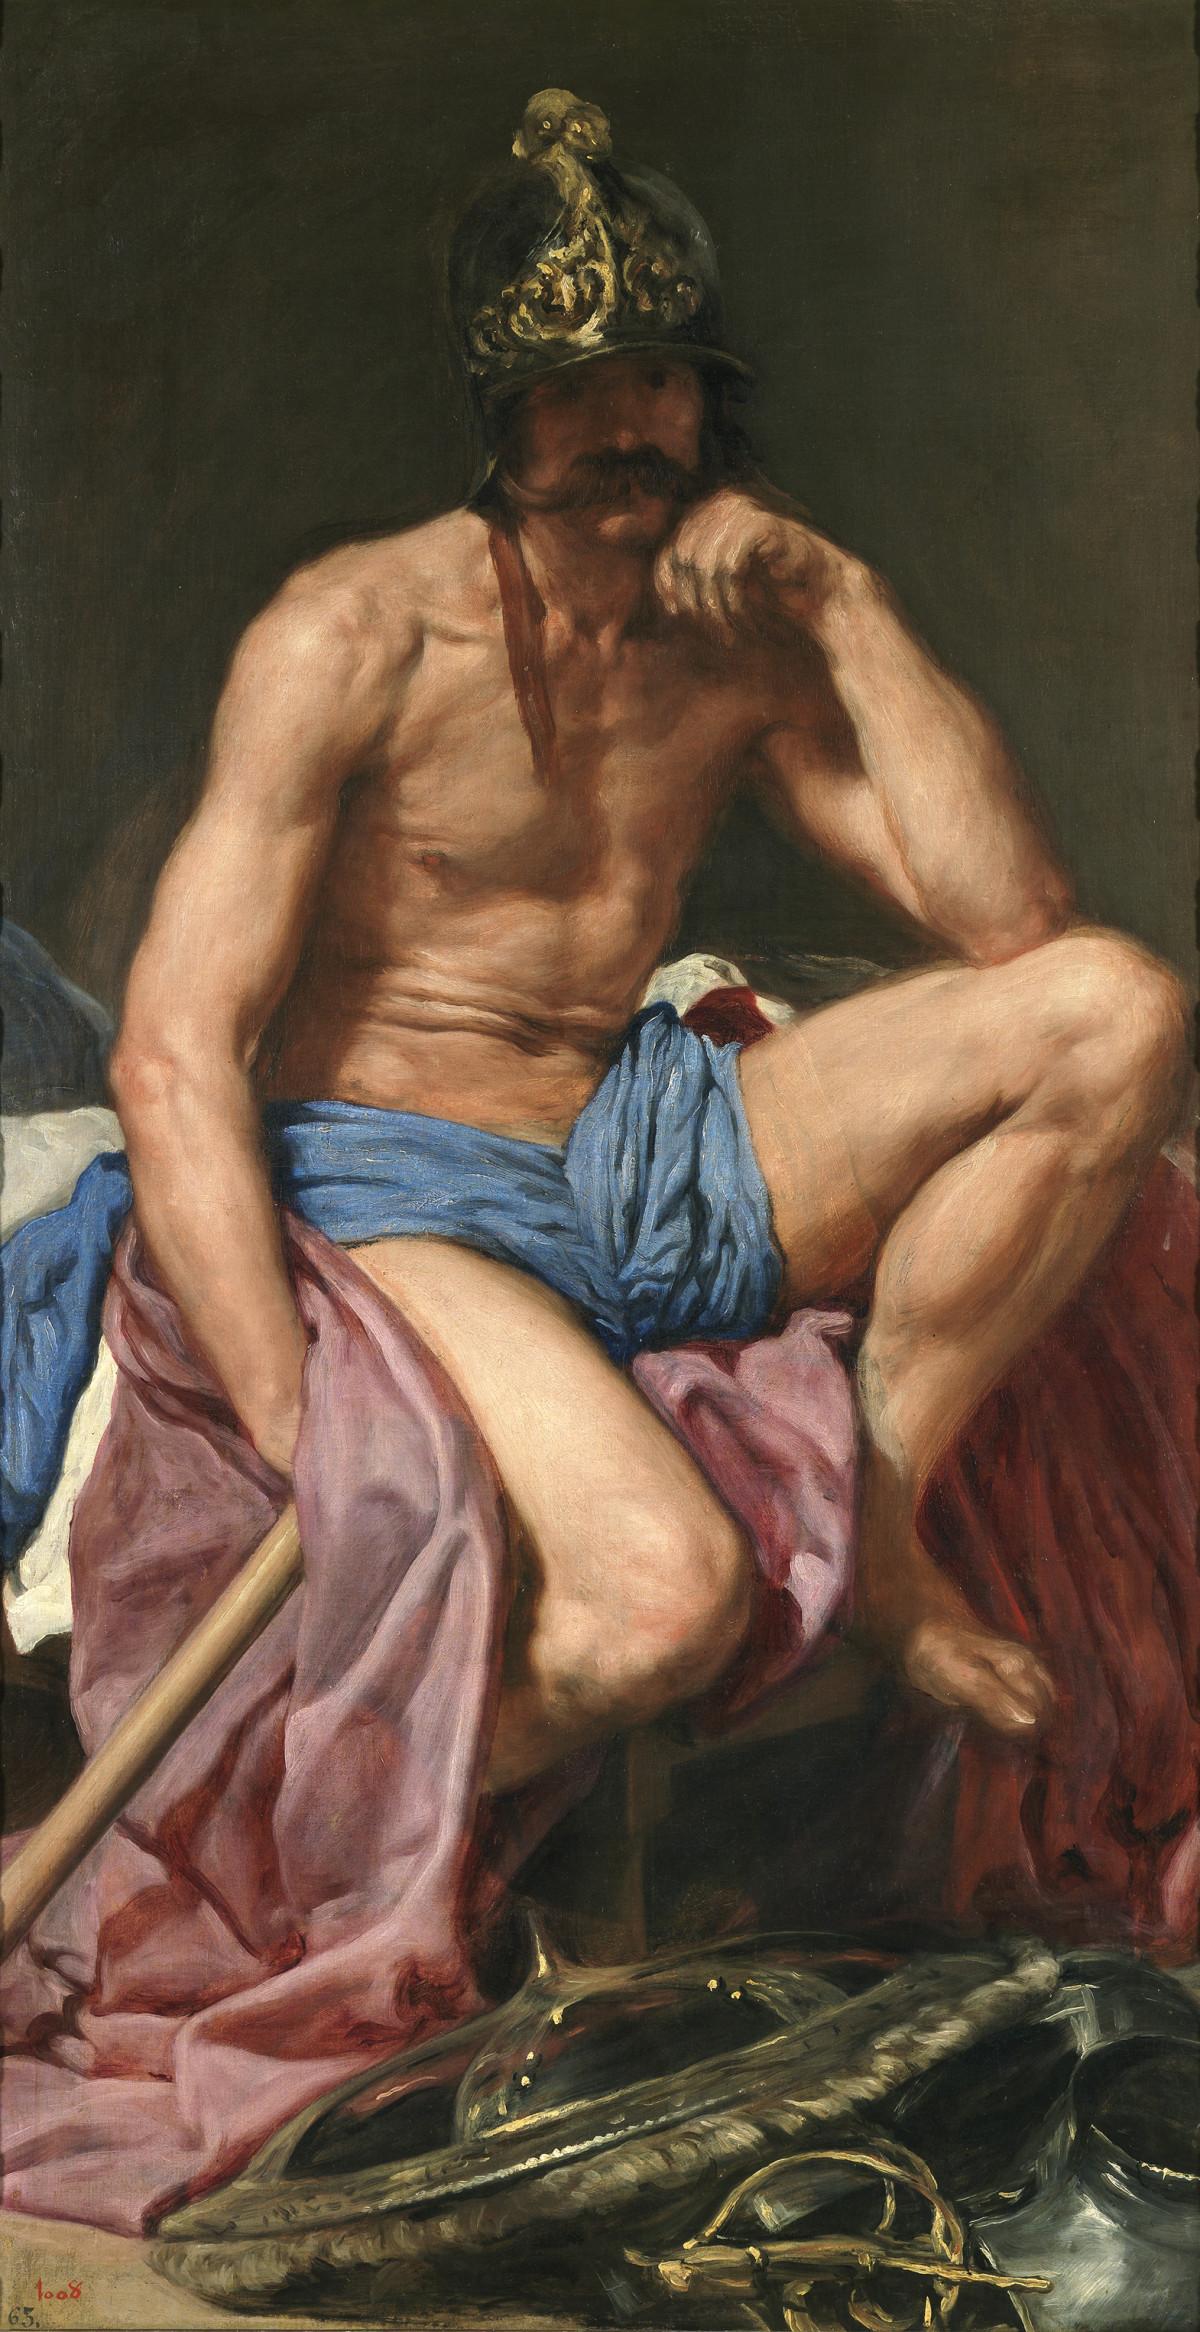 Diego Velázquez: Mars, ca. 1641, © Museo Nacional del Prado